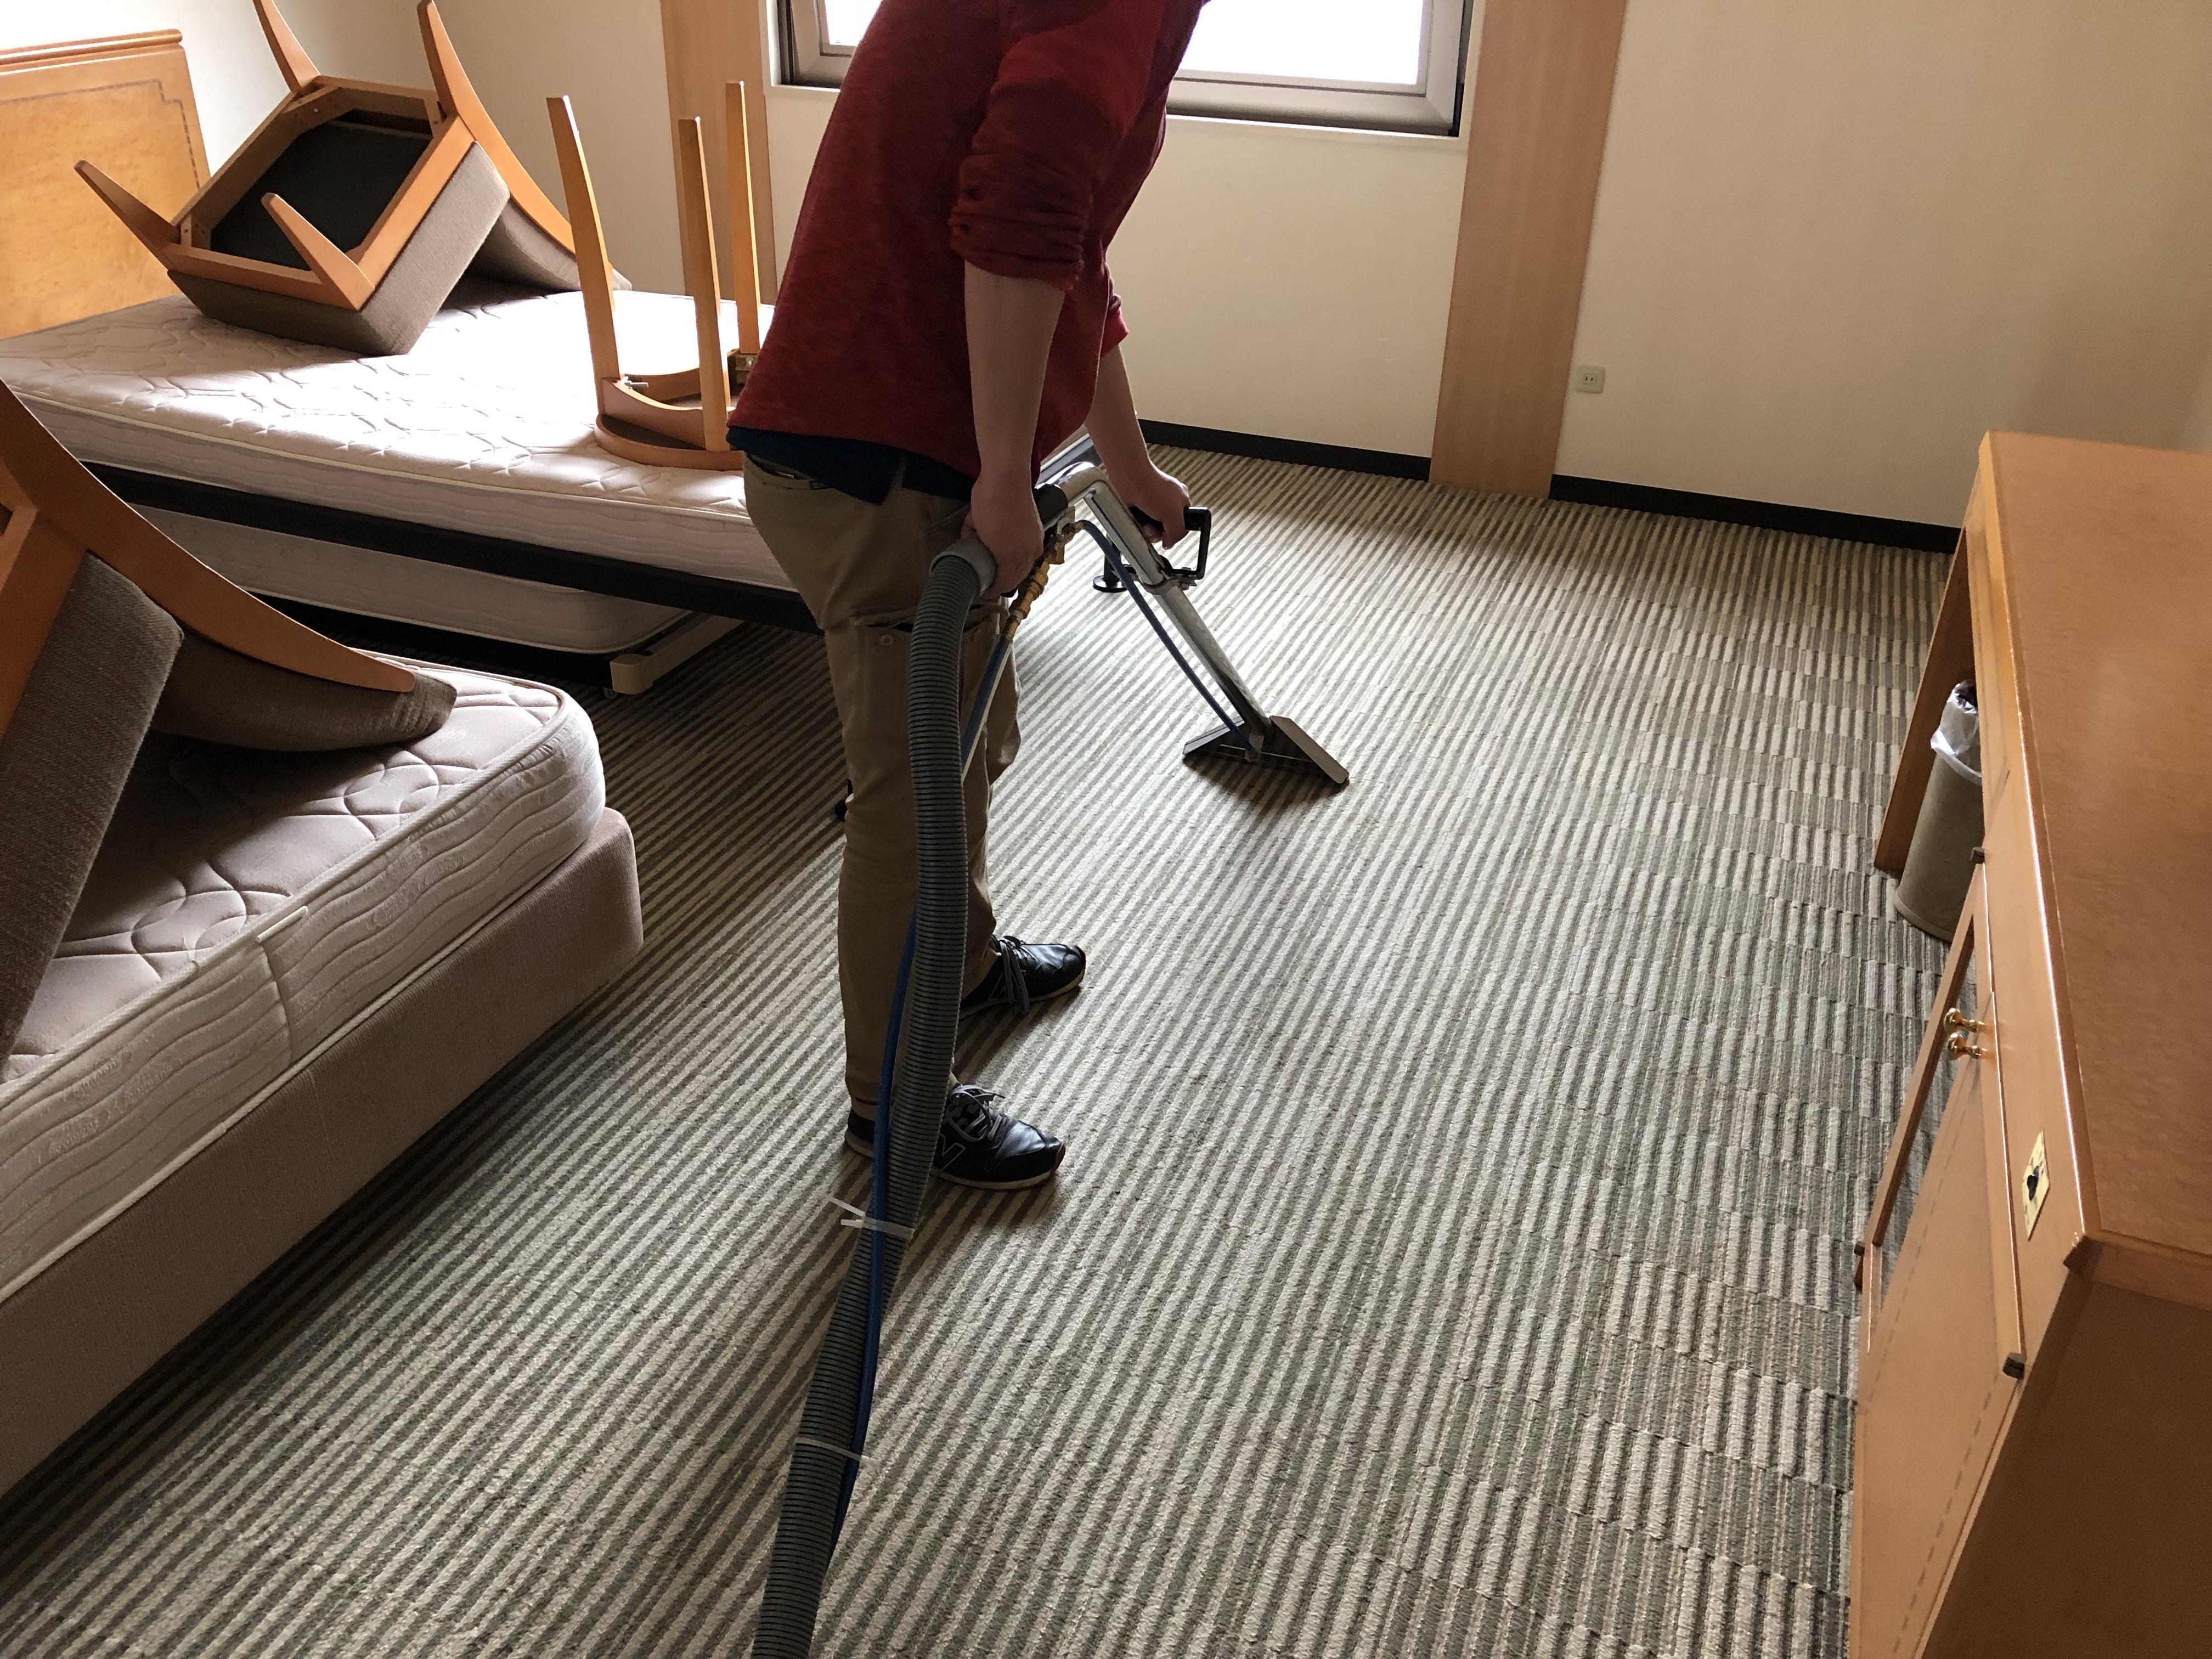 ホテルの5フロア 営業を止めカーペット洗浄とイス洗浄 喫煙ルームの